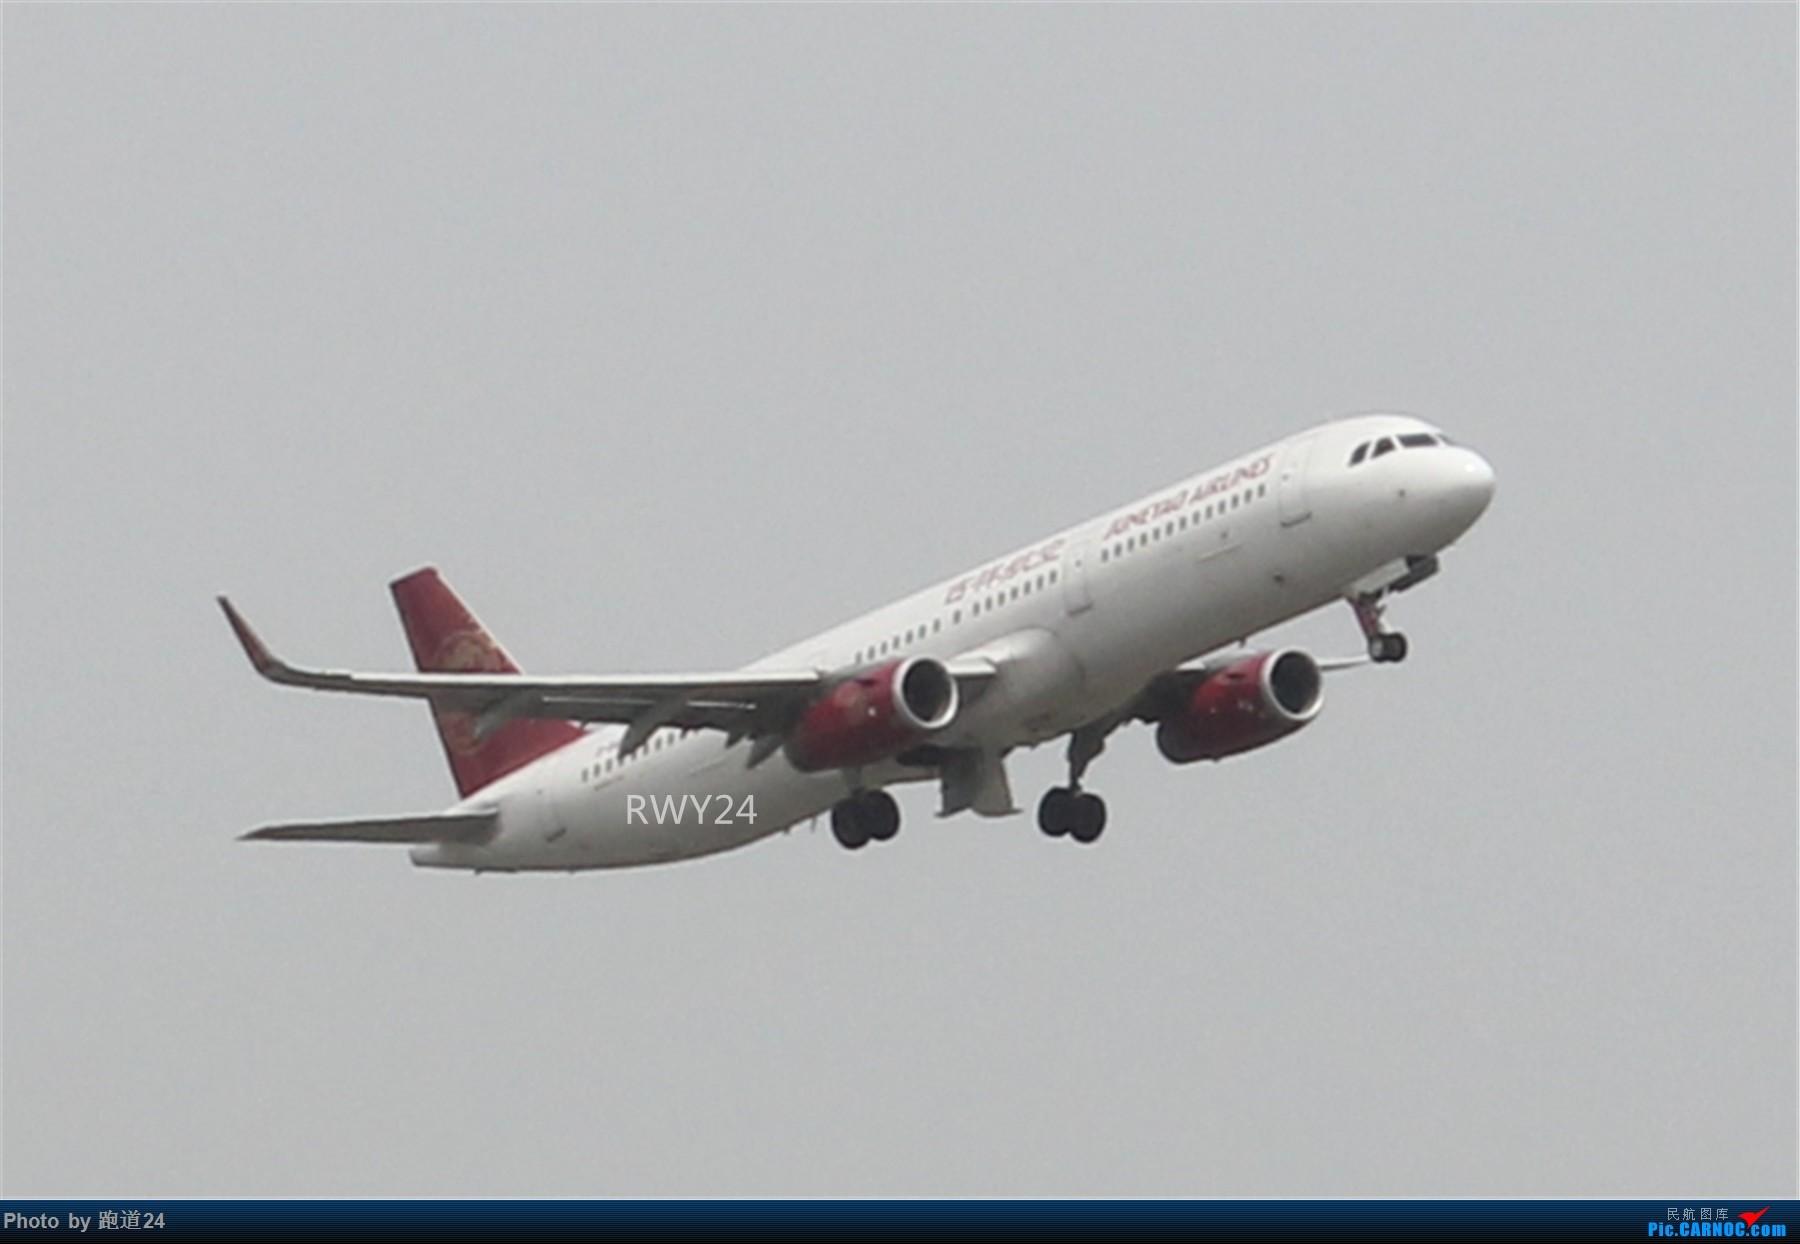 [多图党]B-8407 1800*1200 AIRBUS A321-200 B-8407 中国成都双流国际机场